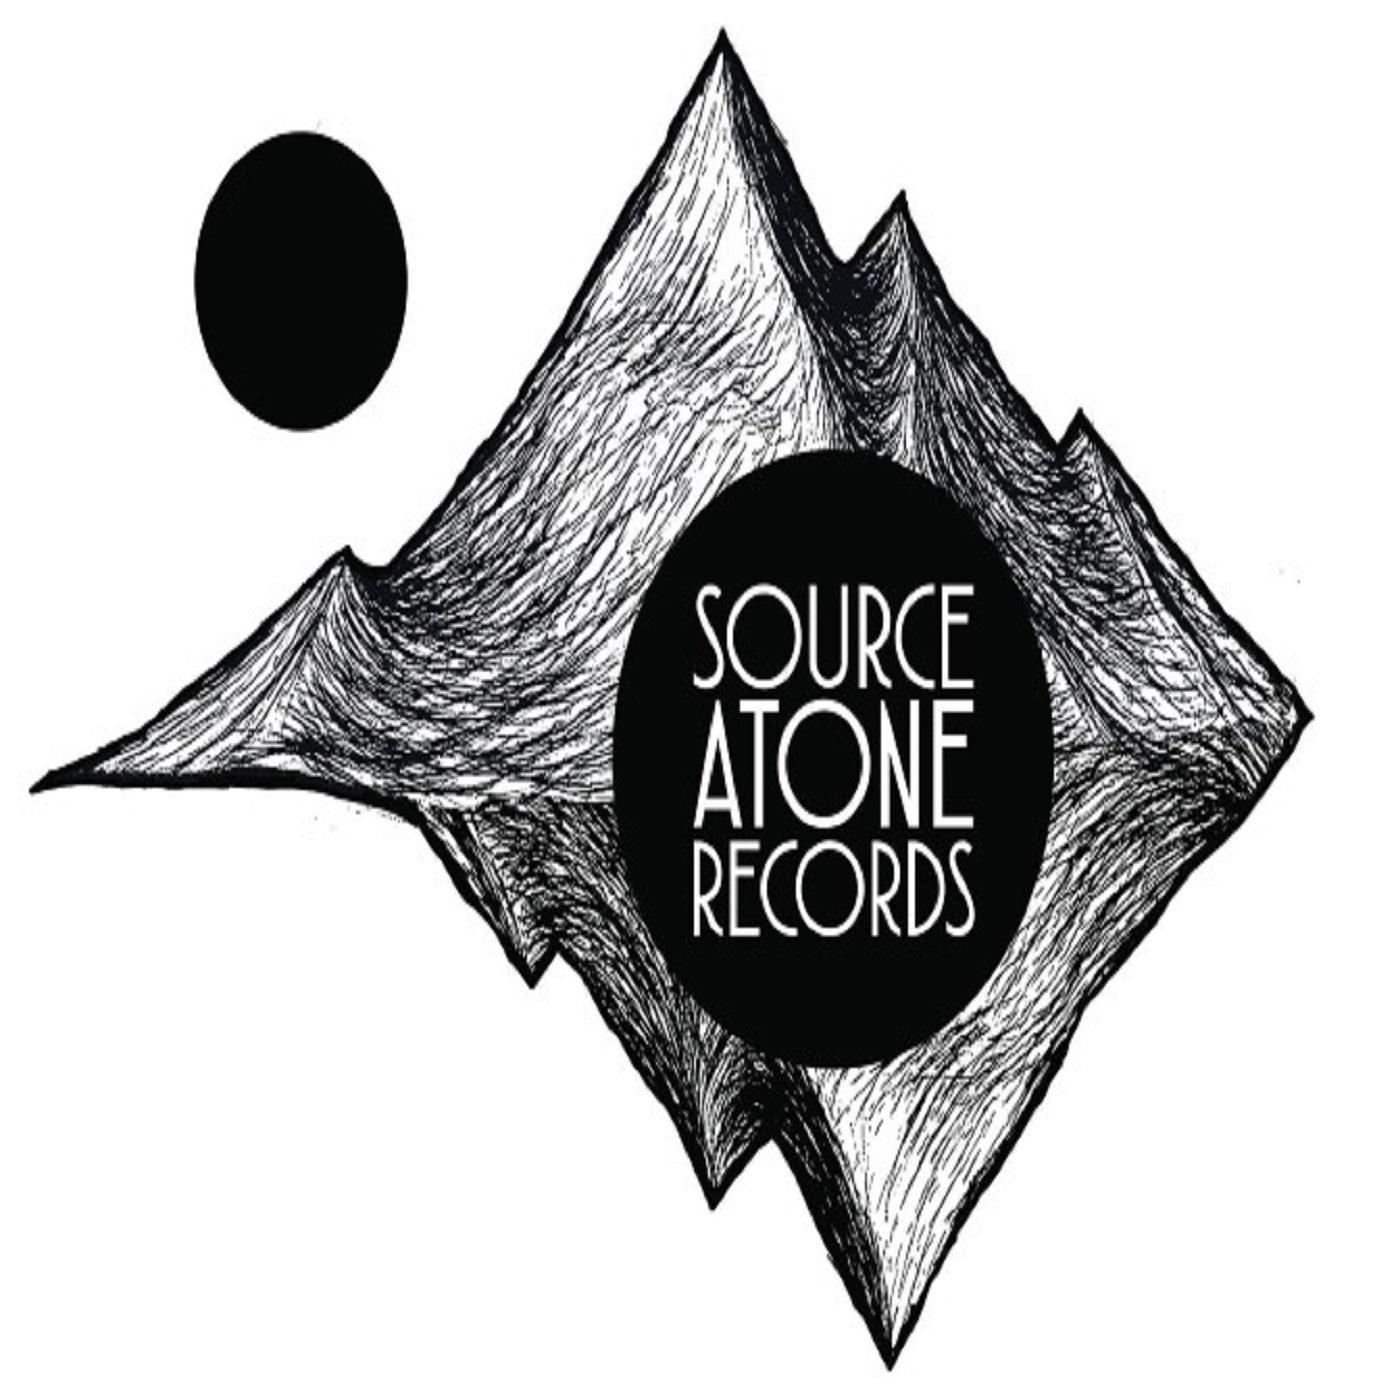 Emission spéciale #17 : Source Atone Records